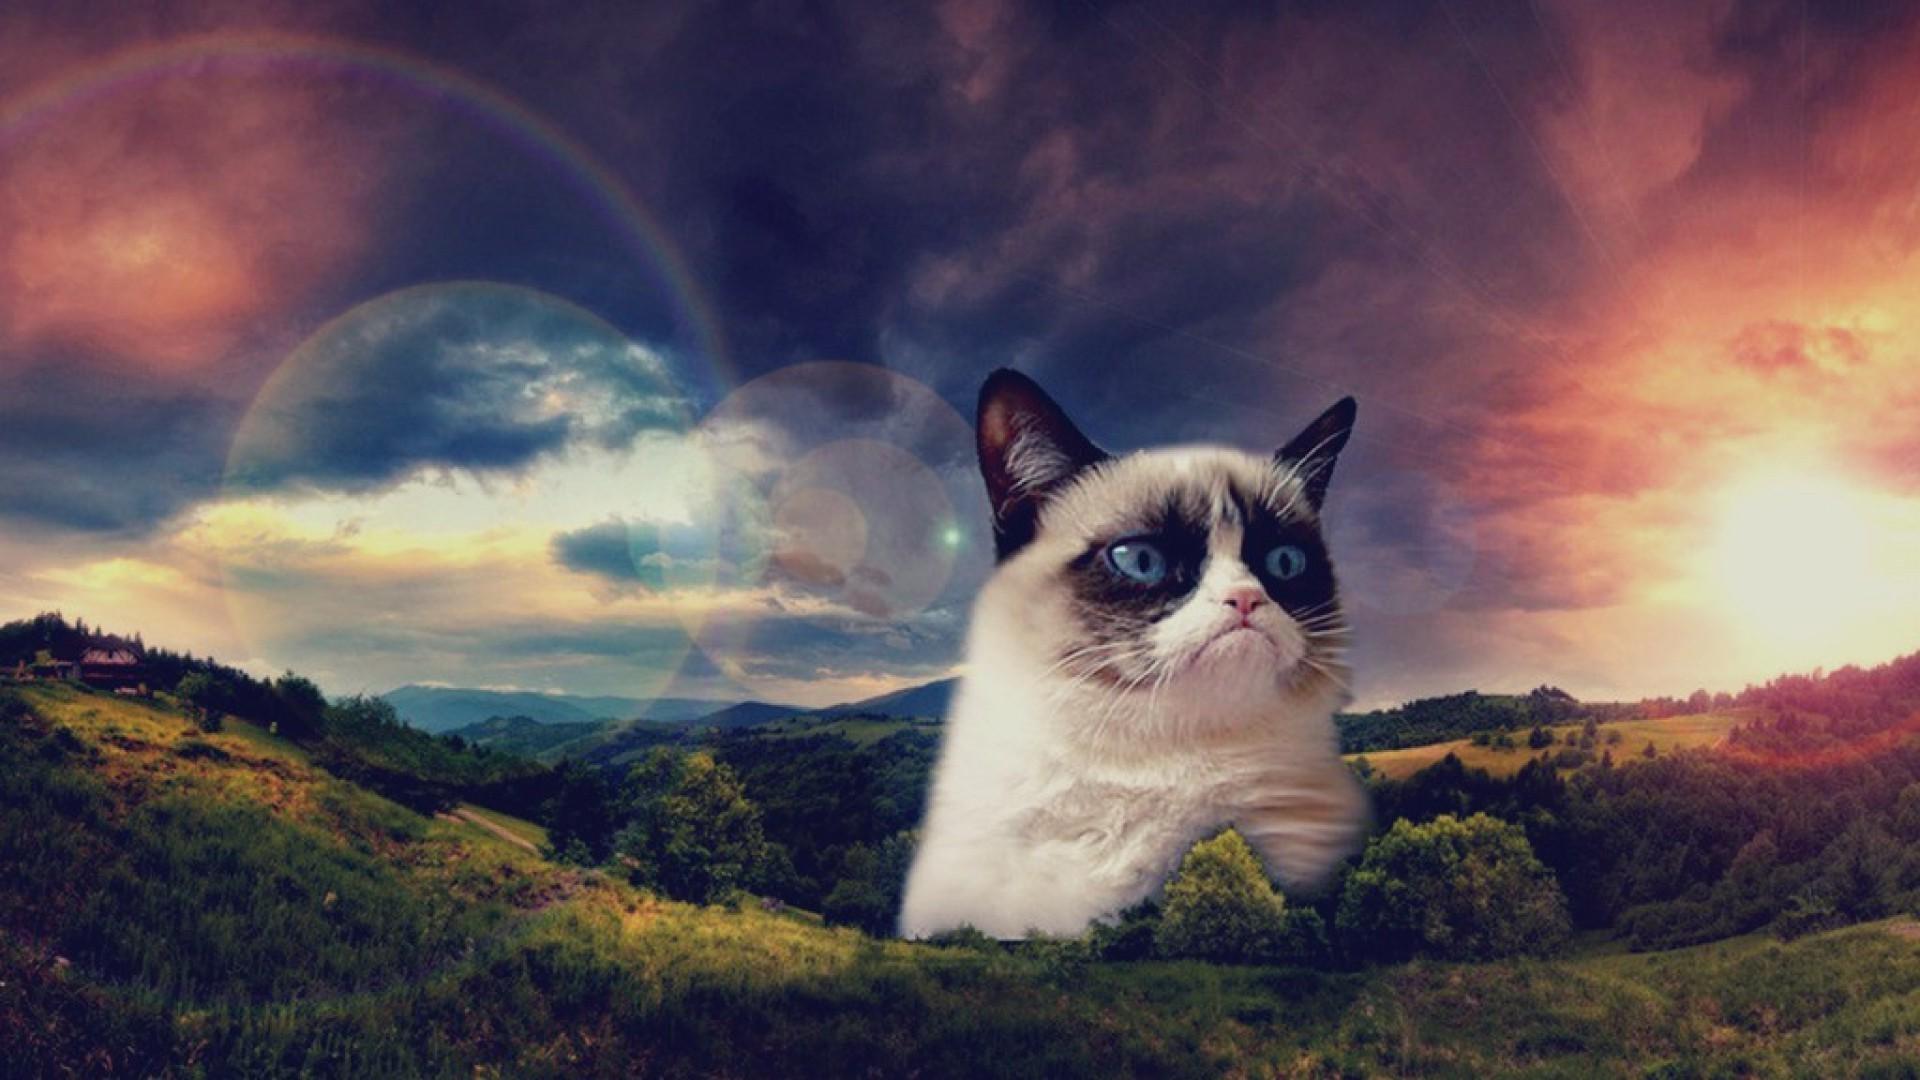 Hd Grumpy Cat